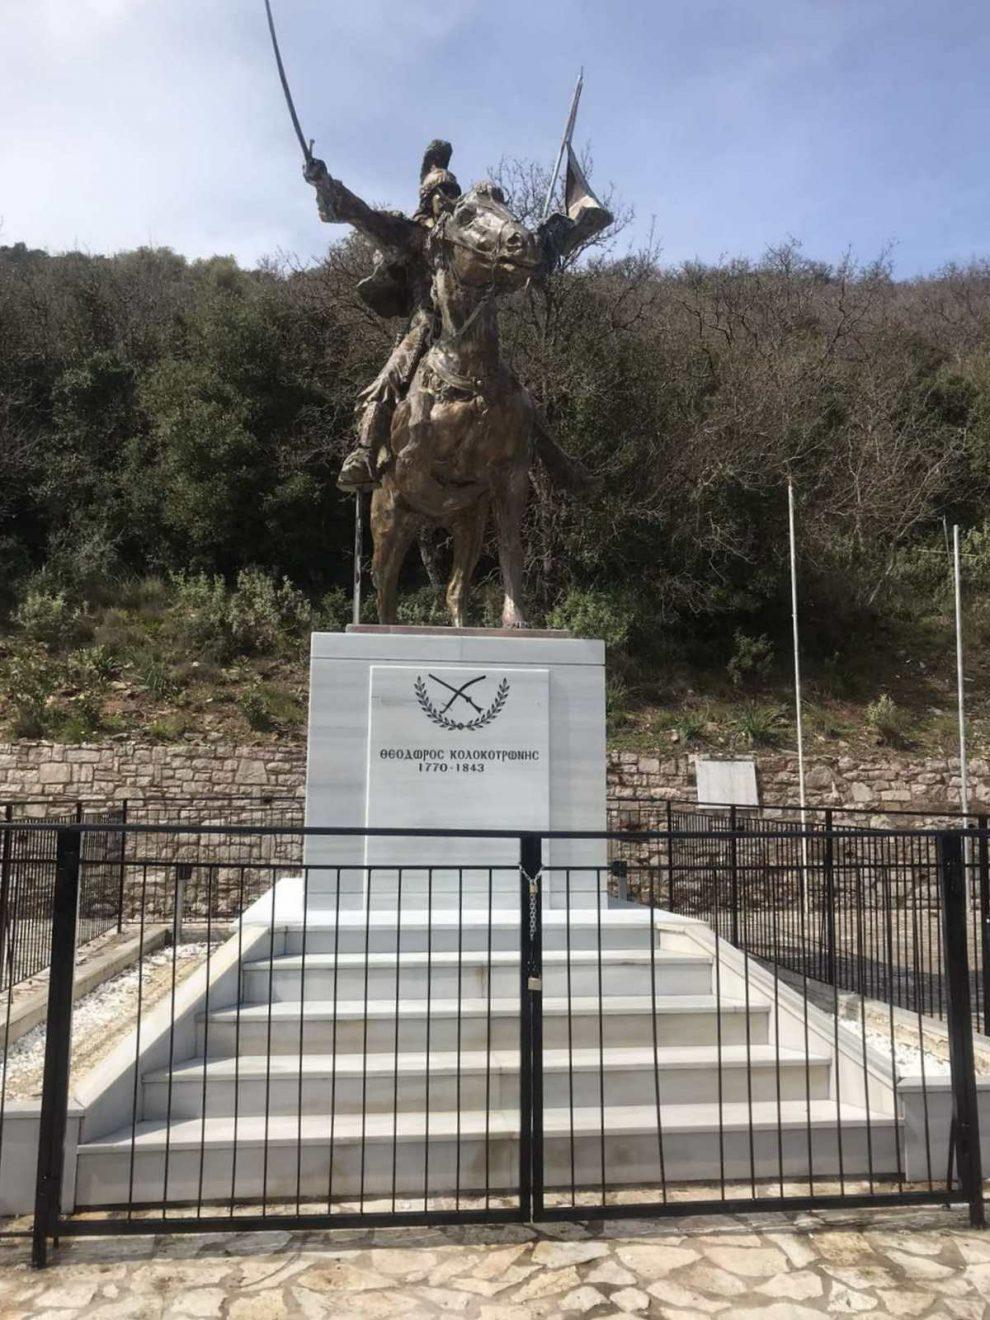 Ανακοίνωση του Δήμου Οιχαλίας για την κατάσταση του μνημείου του Κολοκοτρώνη